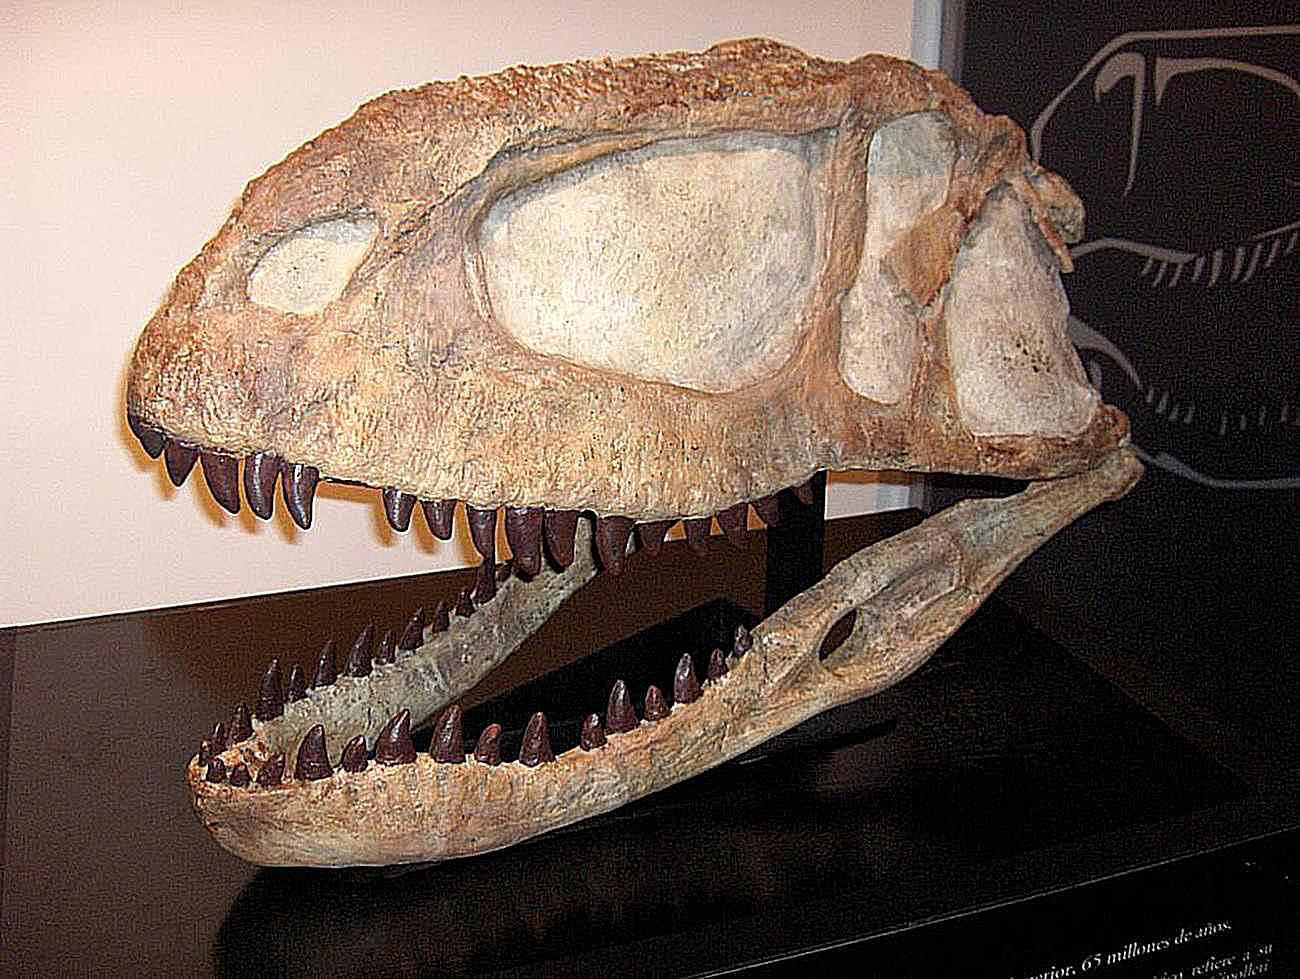 An Abelisaurus skull